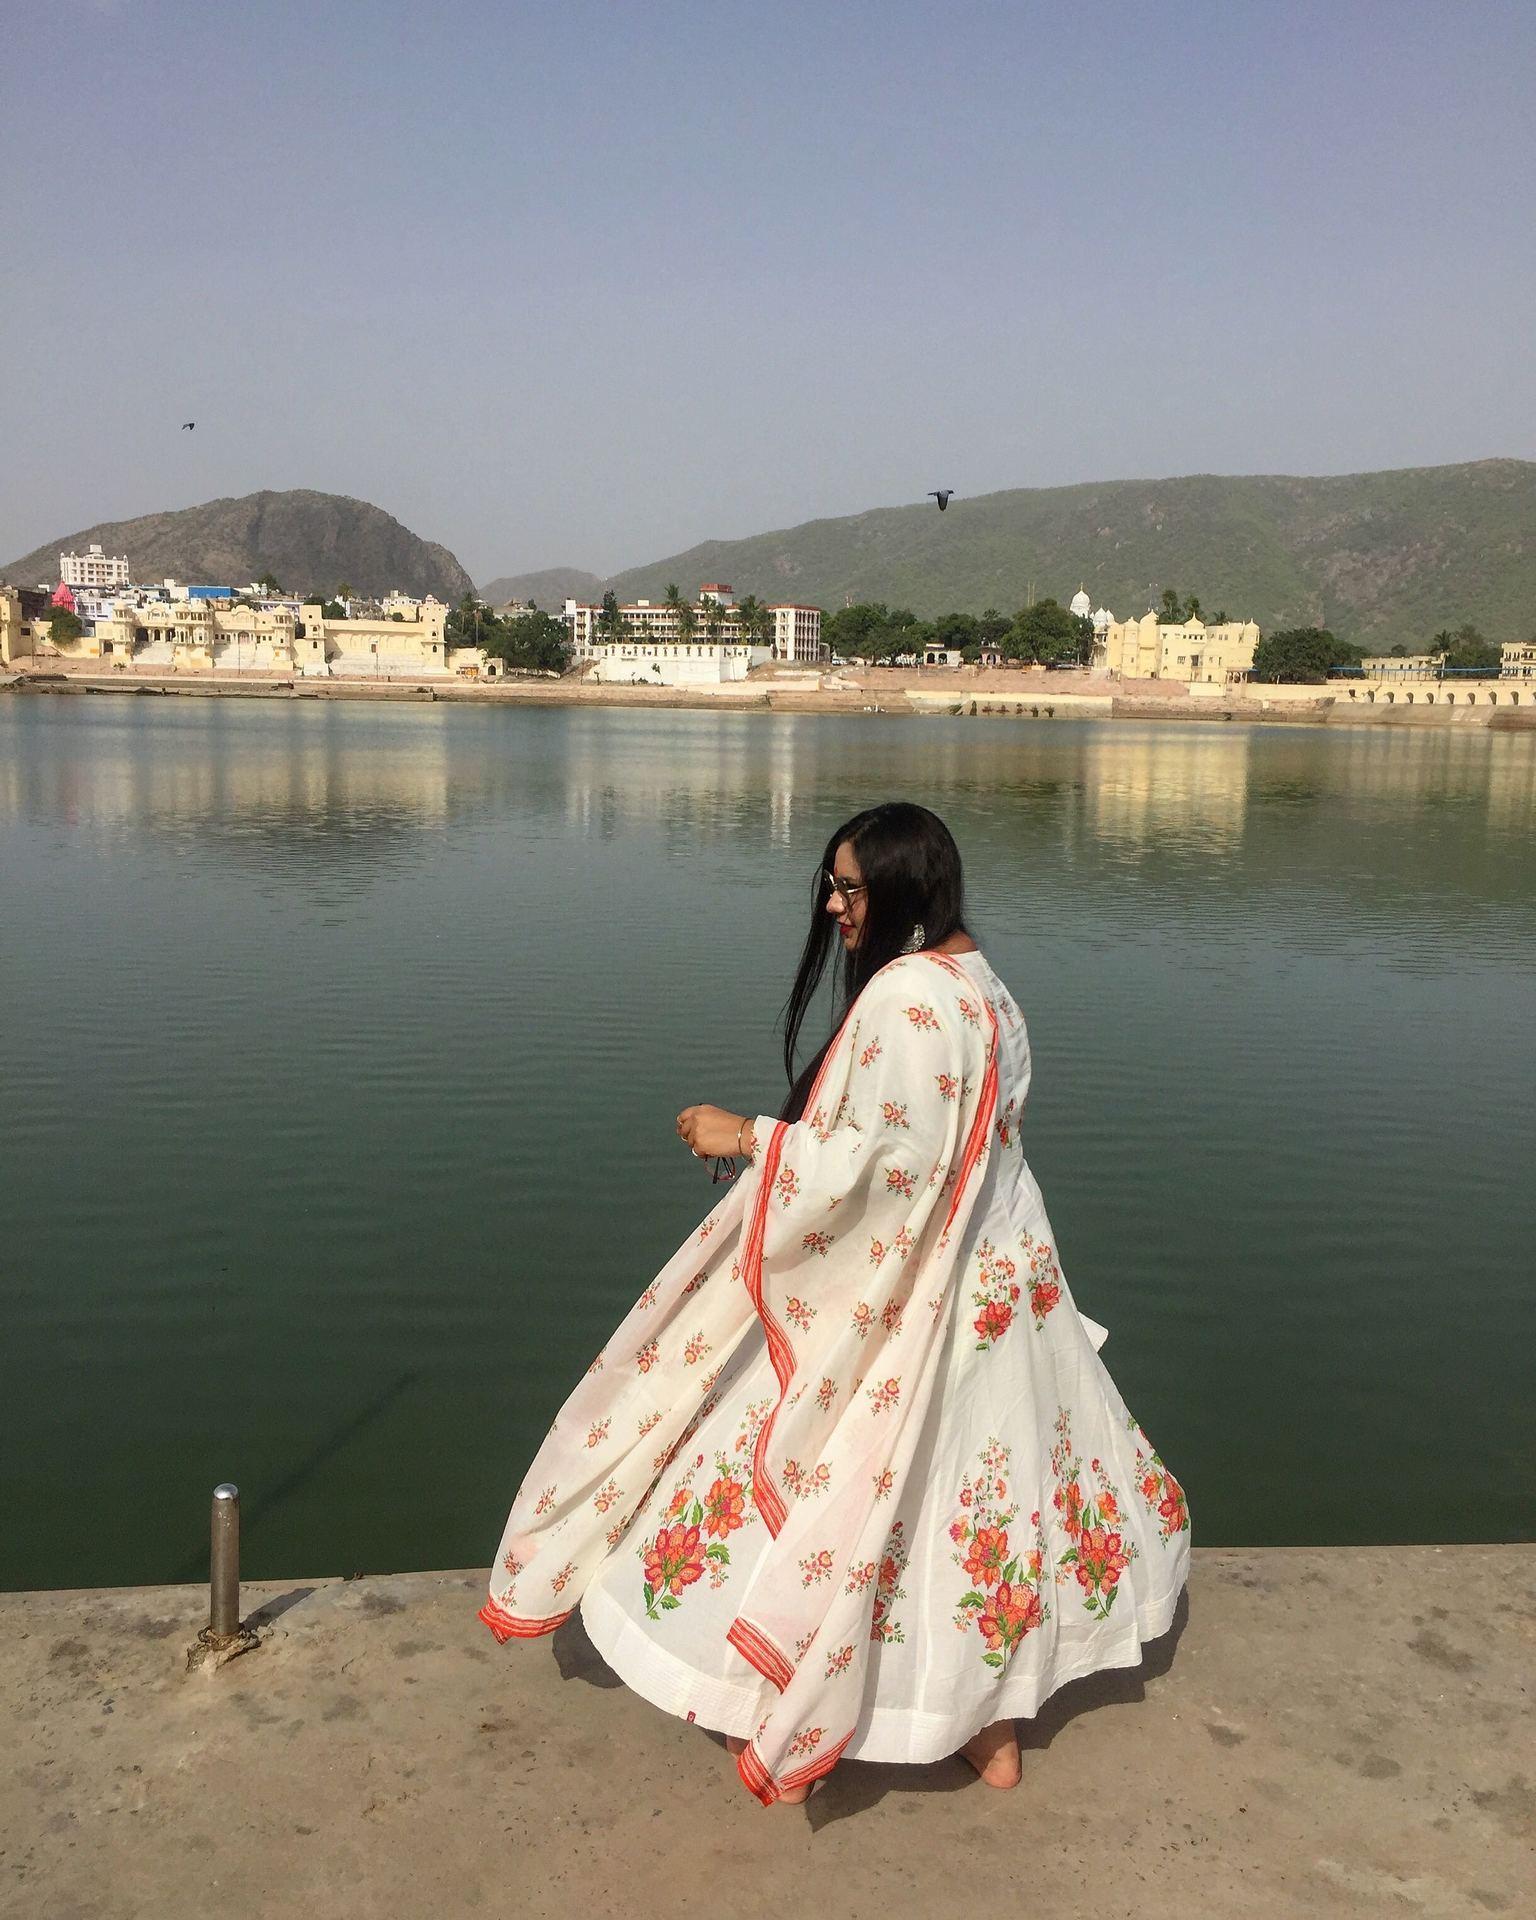 Pushkar Blog | Jazzfoodtravelshop image